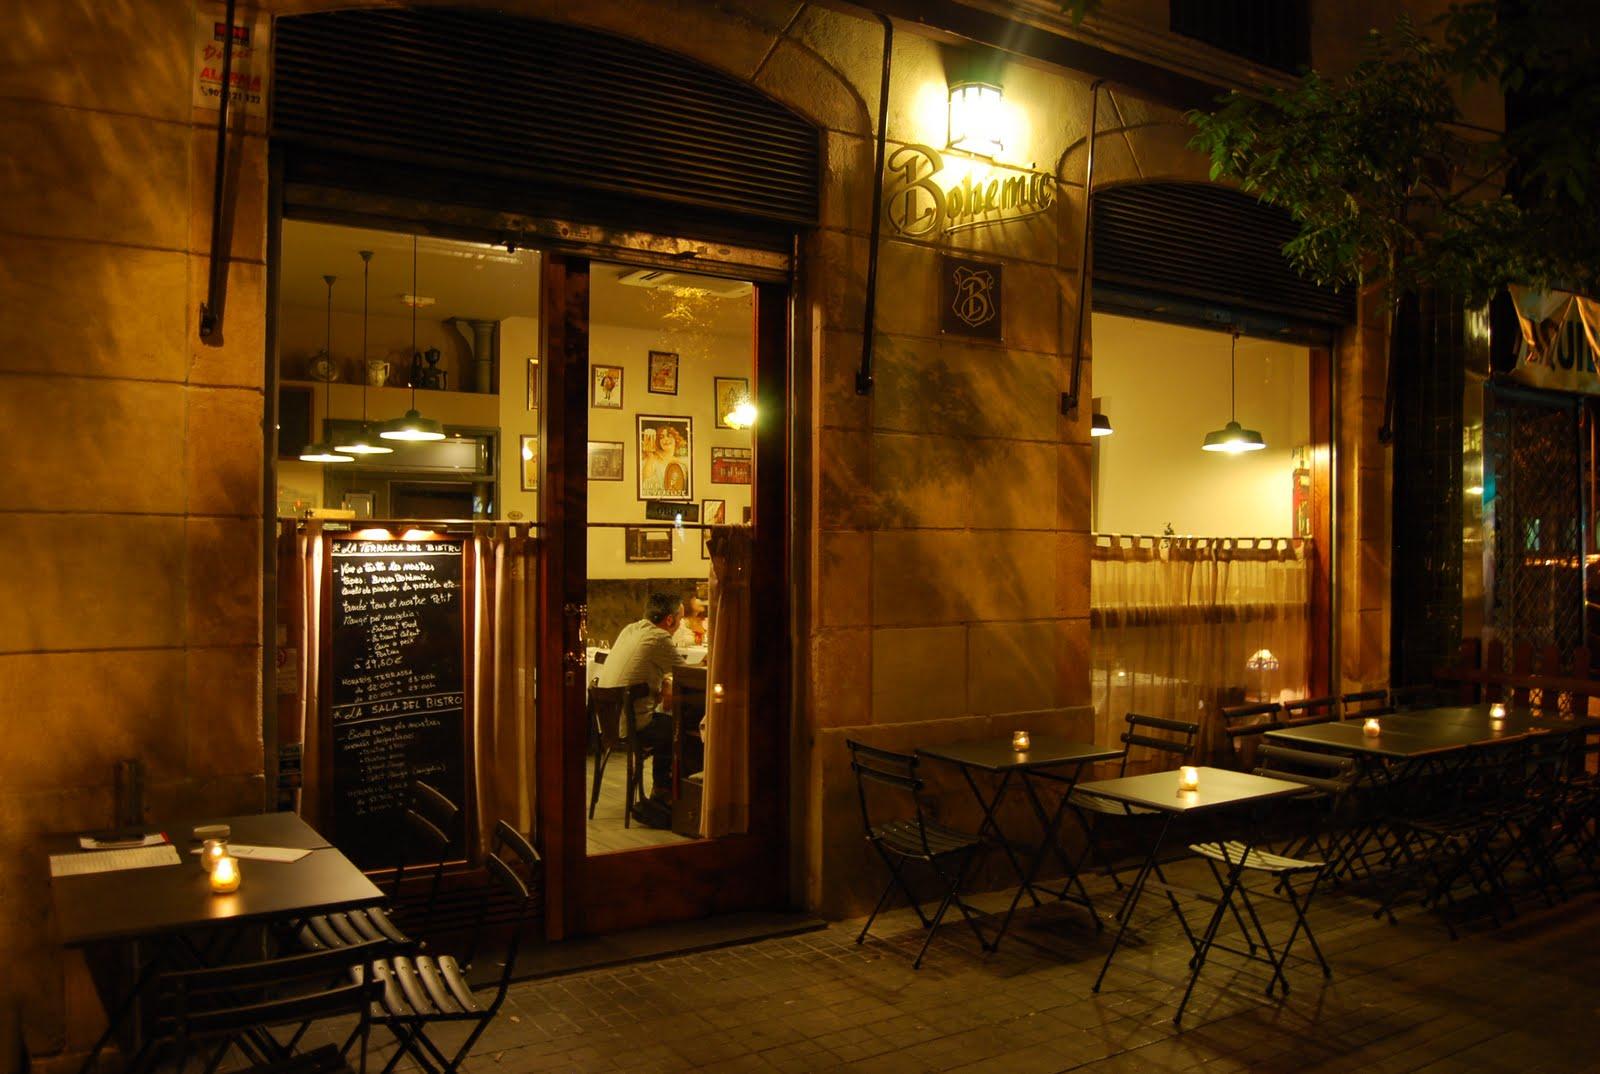 Bohemic, restaurante, coctel, Madrid, acojonante, 2016, noche, amigos salir, copa, copas, moda, fiesta